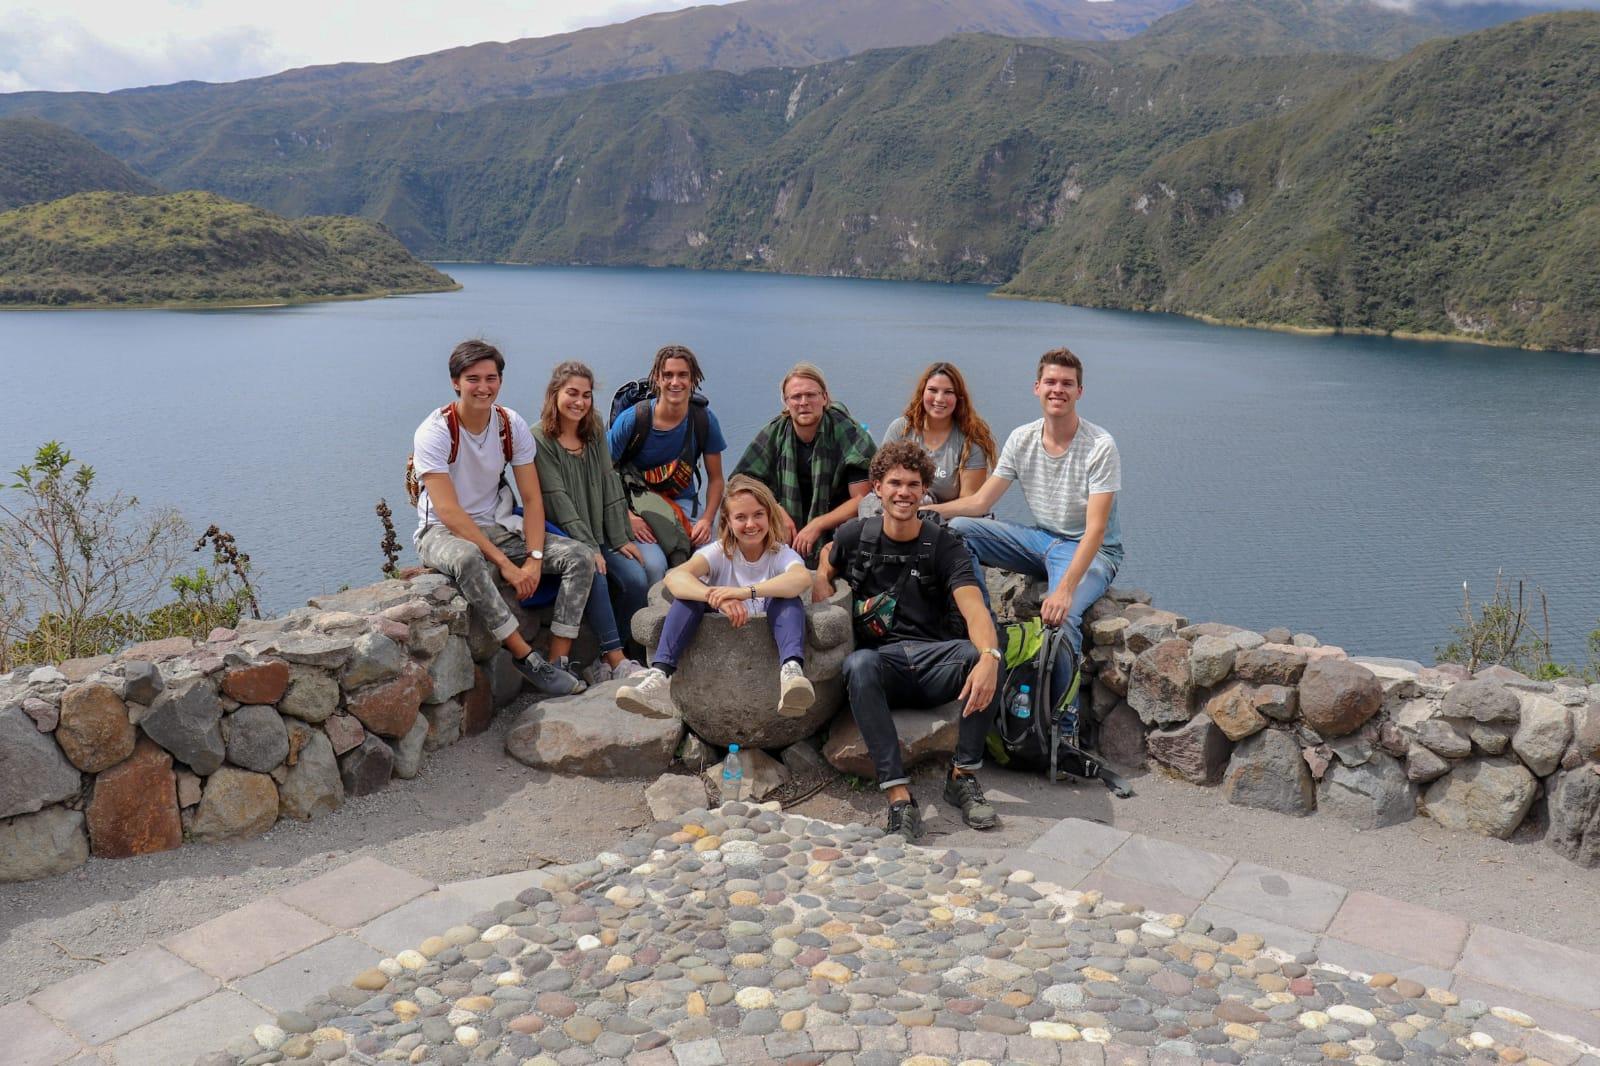 Ieder weekend trekken onze vrijwilligers en stagiairs er op uit om Ecuador te verkennen. In oktober bezochten ze o.a. de wereldberoemde indianenmakt in Otavalo en het Quicocha-meer.